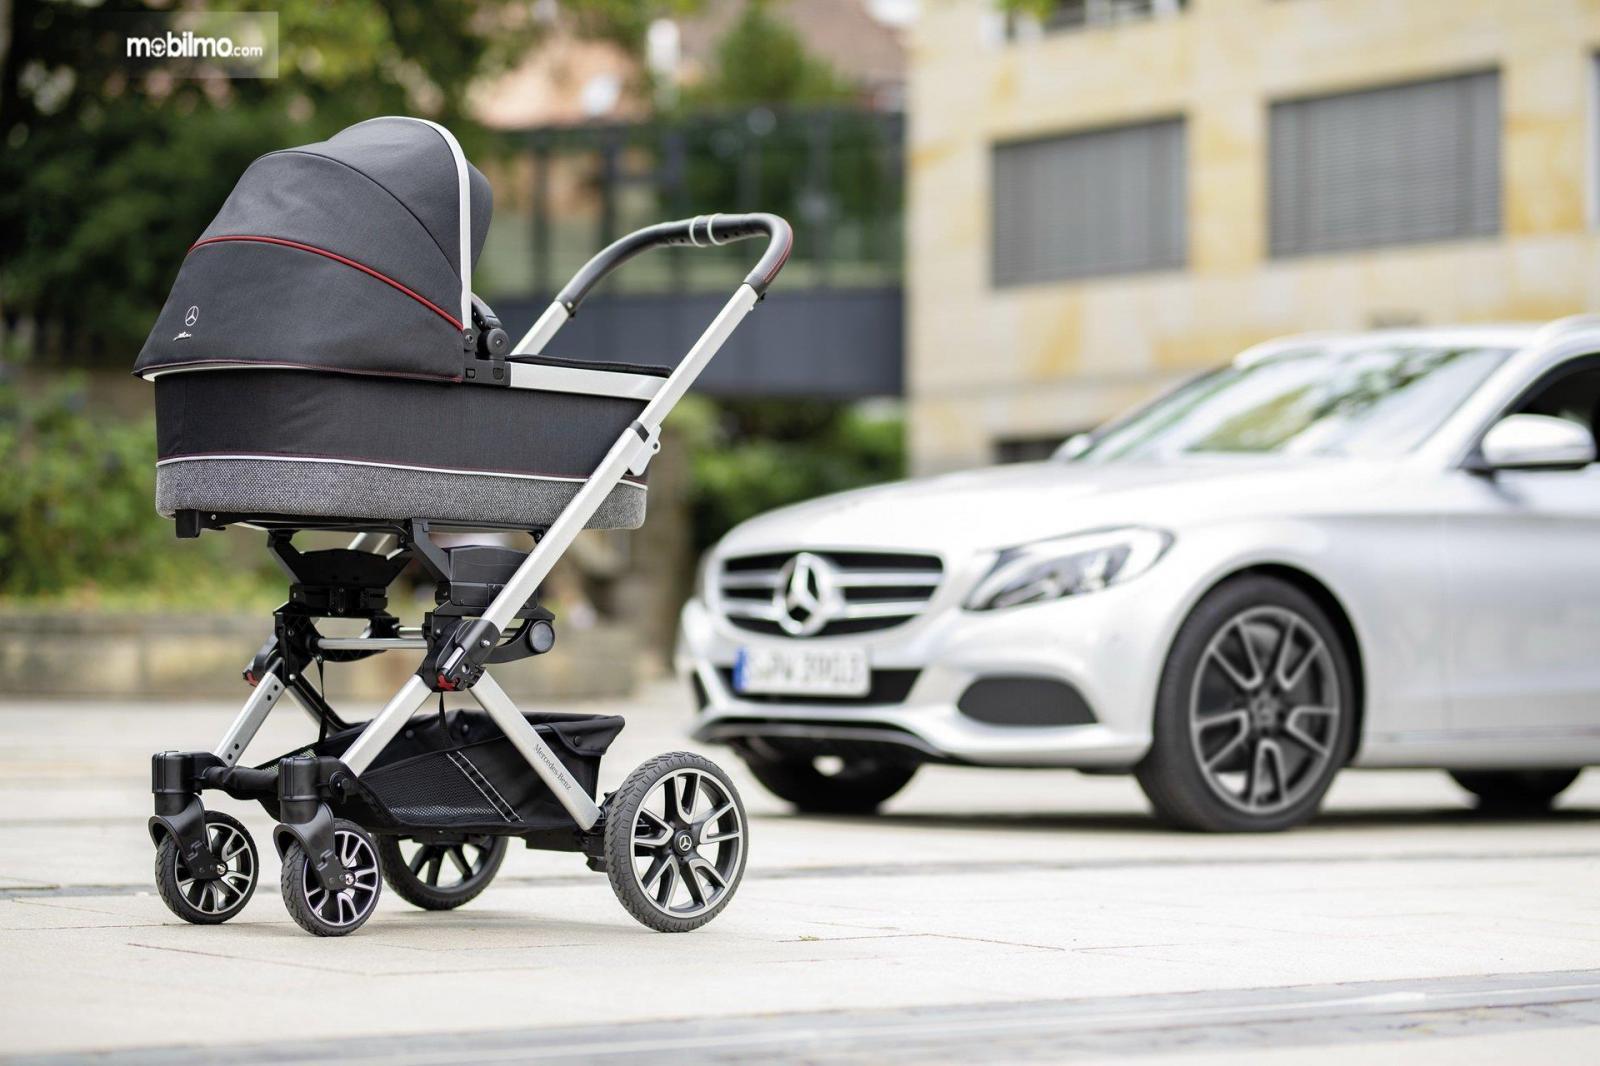 Gambar yang menunjukan kereta bayi Avantgarde